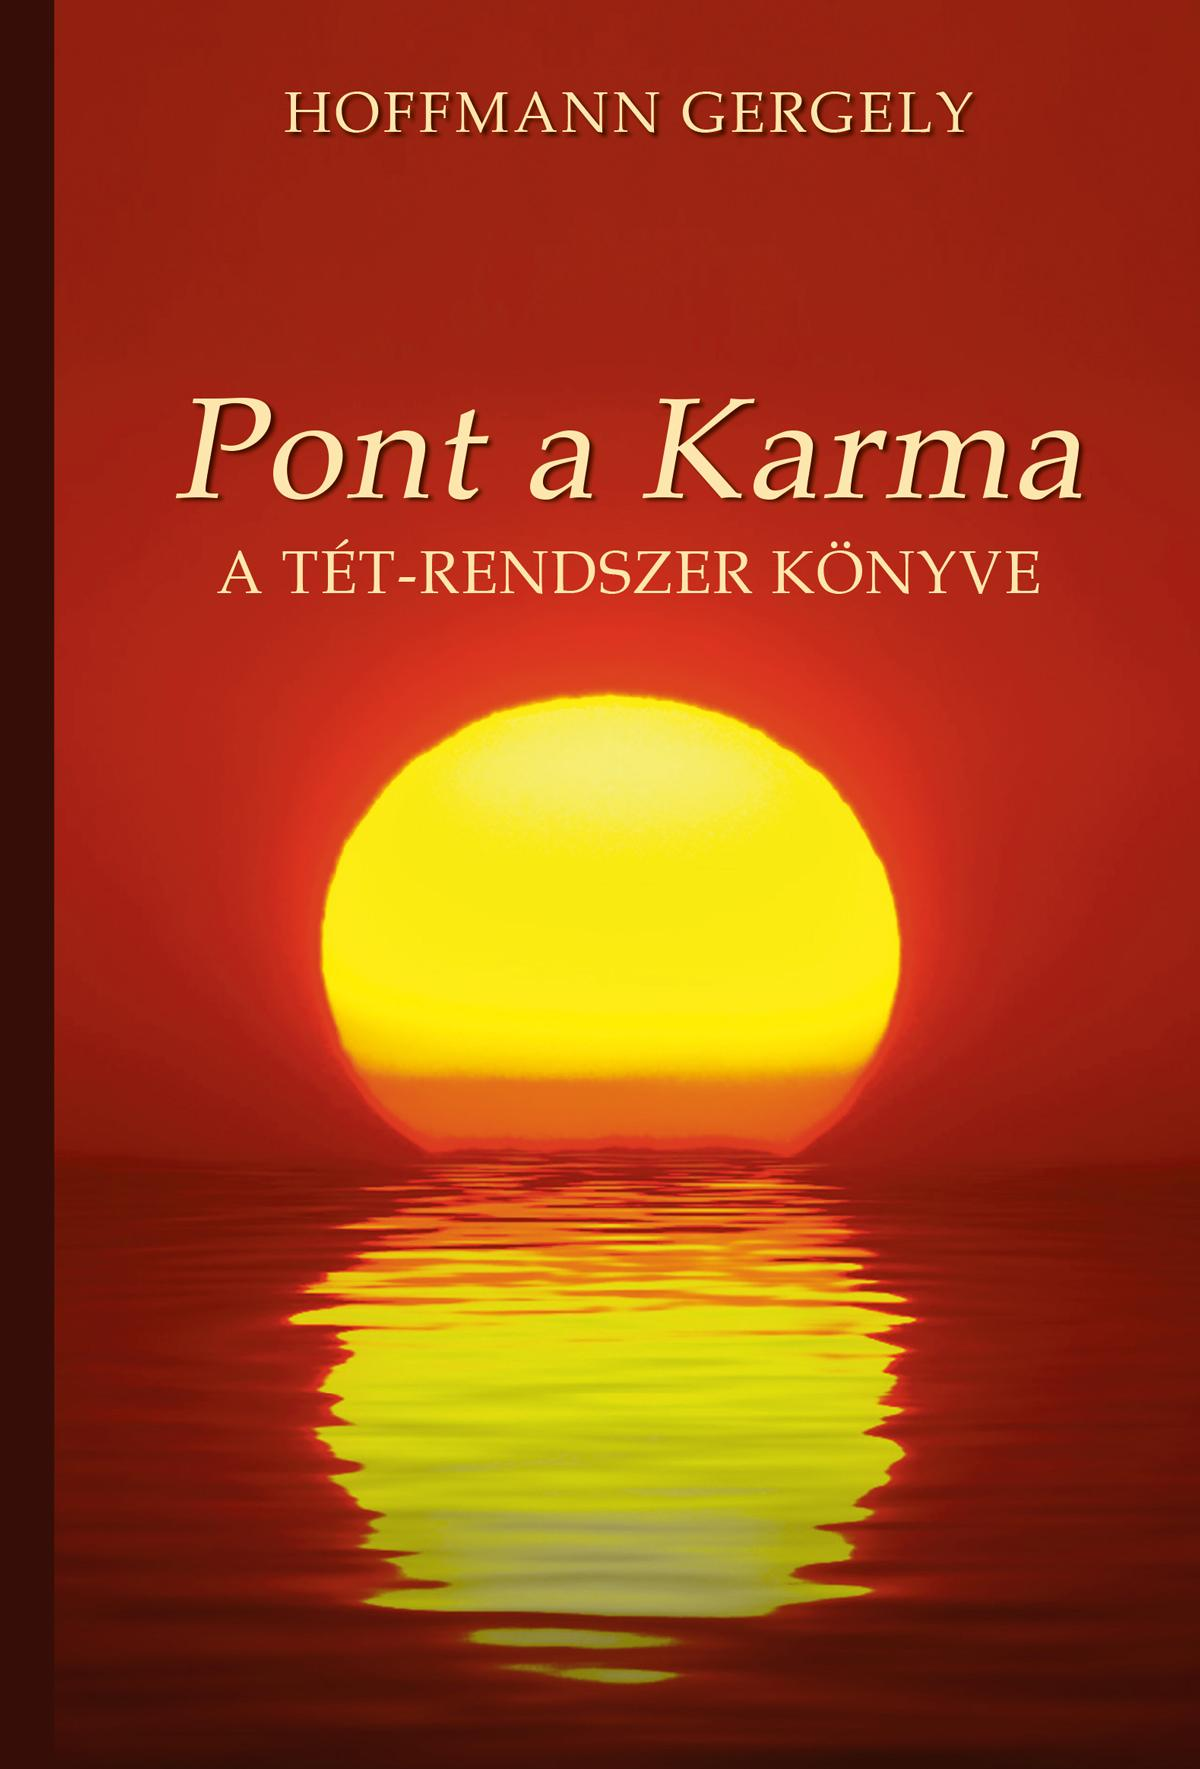 DR. HOFFMANN GERGELY - PONT A KARMA - A TÉT-RENDSZER KÖNYVE